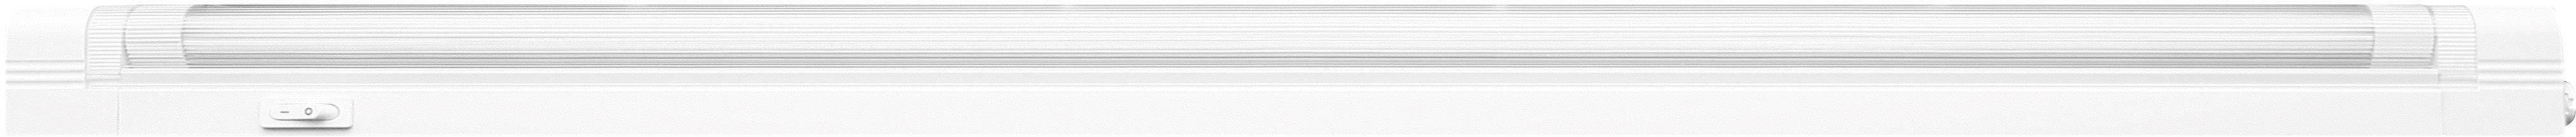 LED podhľadové svetlo Müller Licht 51904, 9 W, 90.5 cm, neutrálne biela, biela